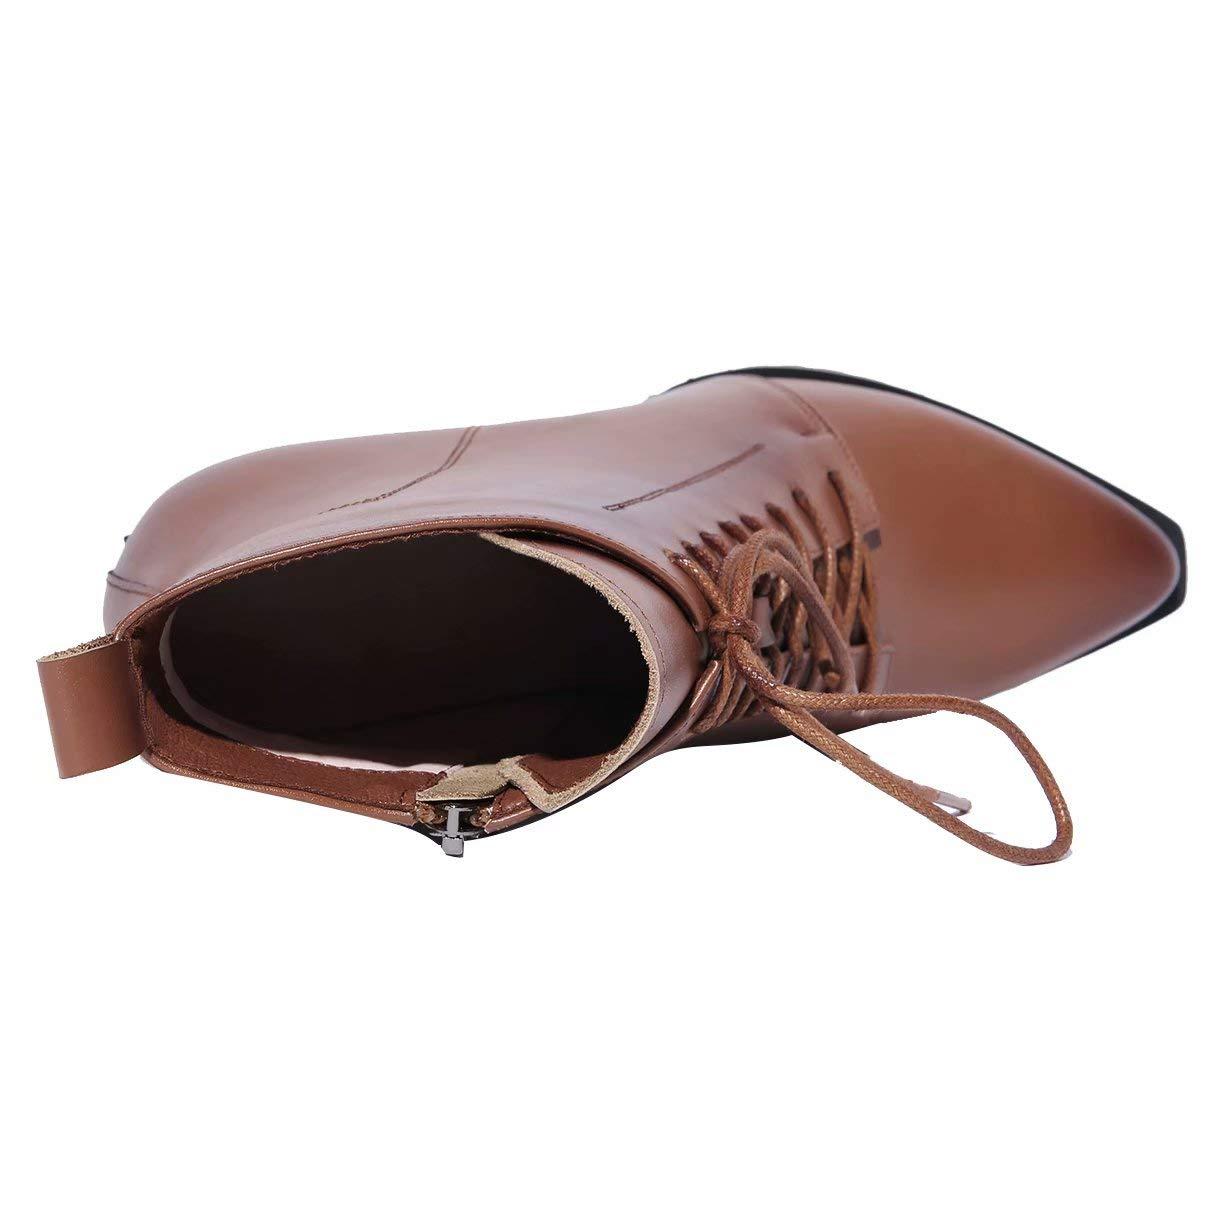 JYschuhe Leder Stiefeletten mit Schnürung Stiefeletten und 6cm Absatz Stiefeletten Schnürung Blockabsatz schnüren Schnürstiefeletten Damen Gefüttert 9626b5